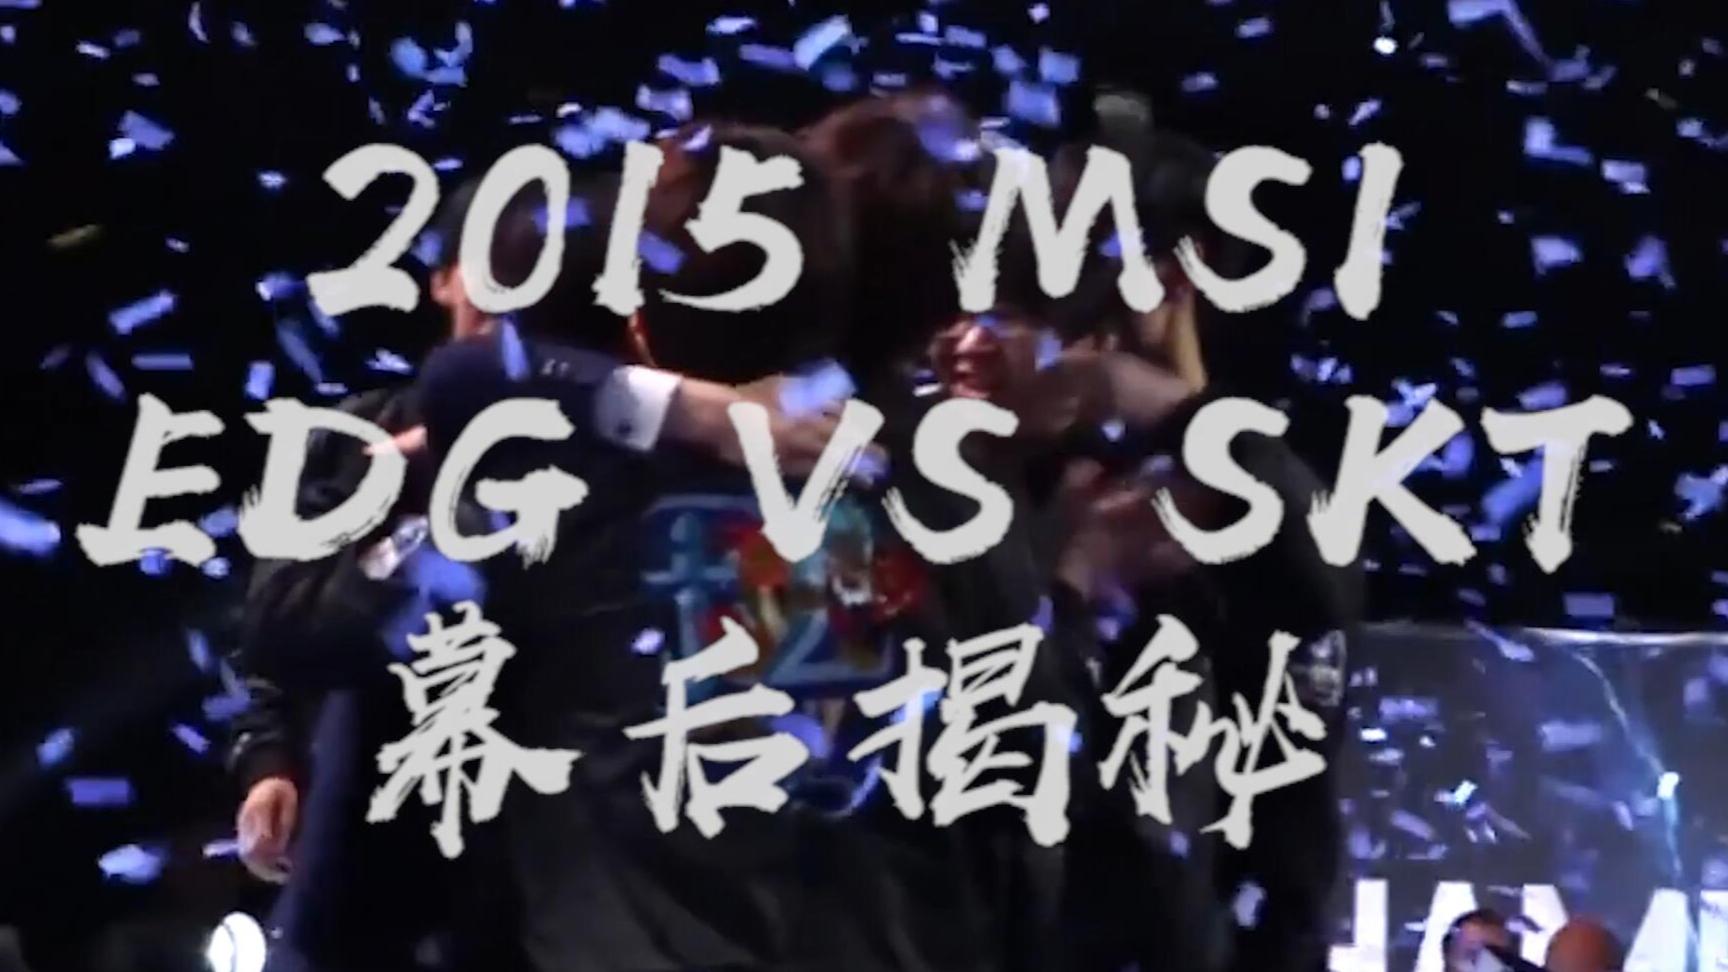 英雄联盟:阿布复盘MSI决赛EDG vs SKT精选